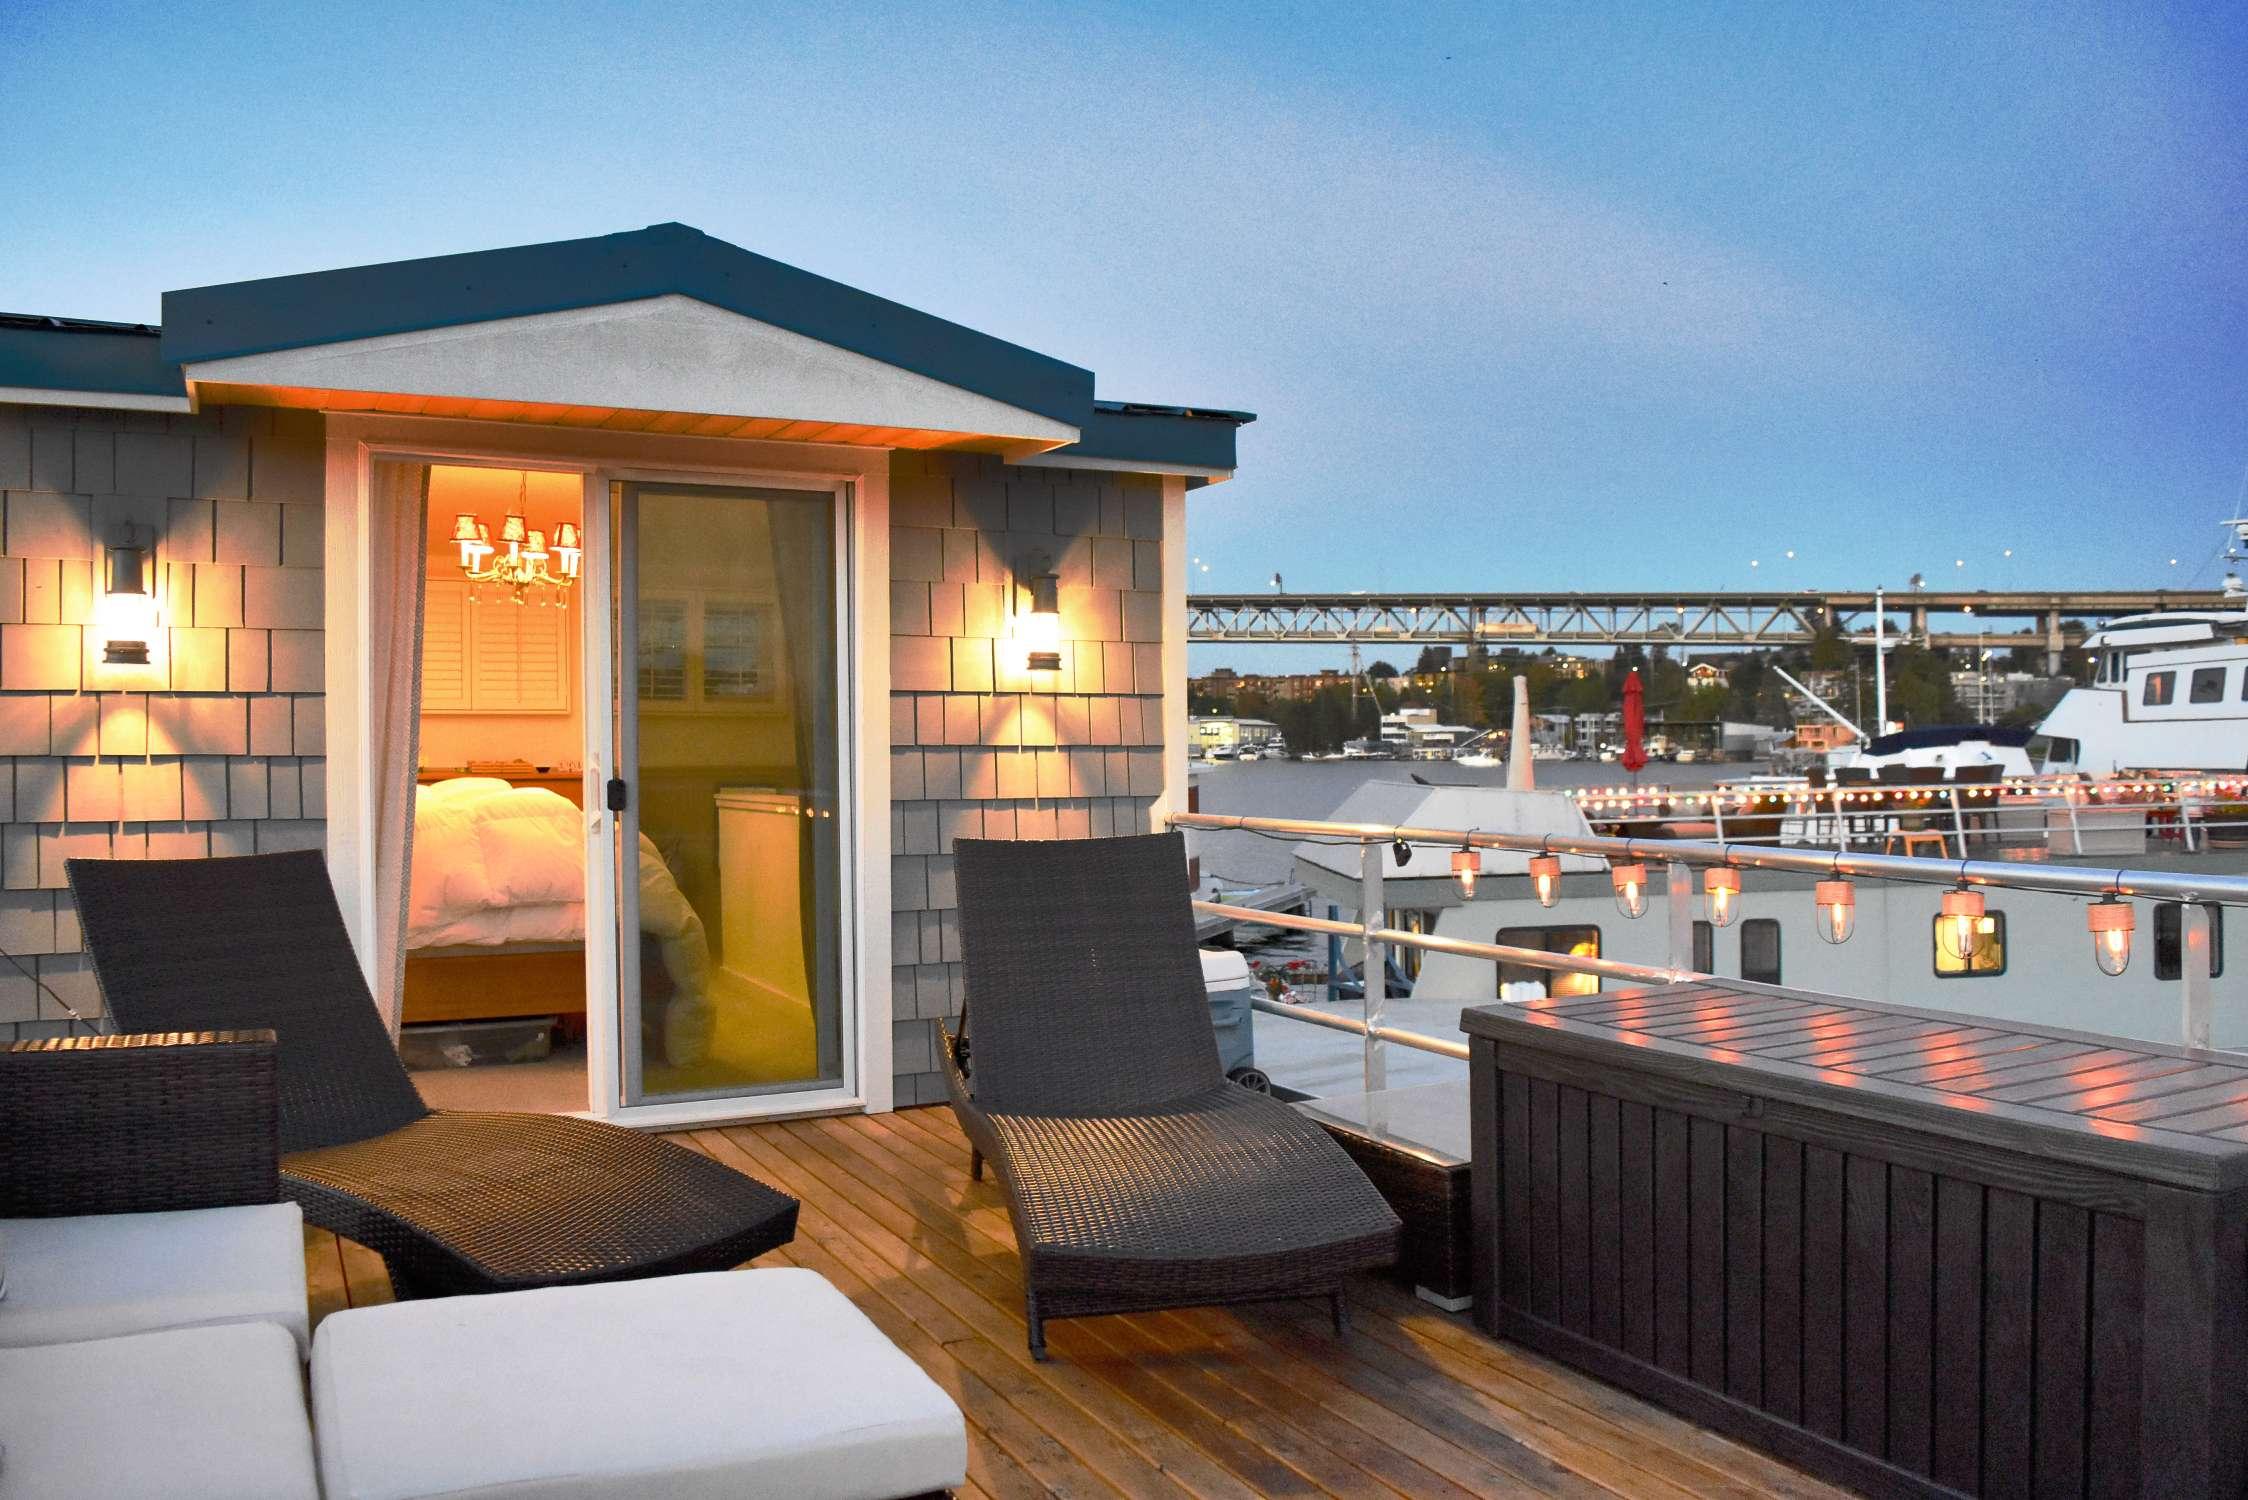 Căn phòng ngủ thoáng mát và hiện đại ngay trên sân thượng